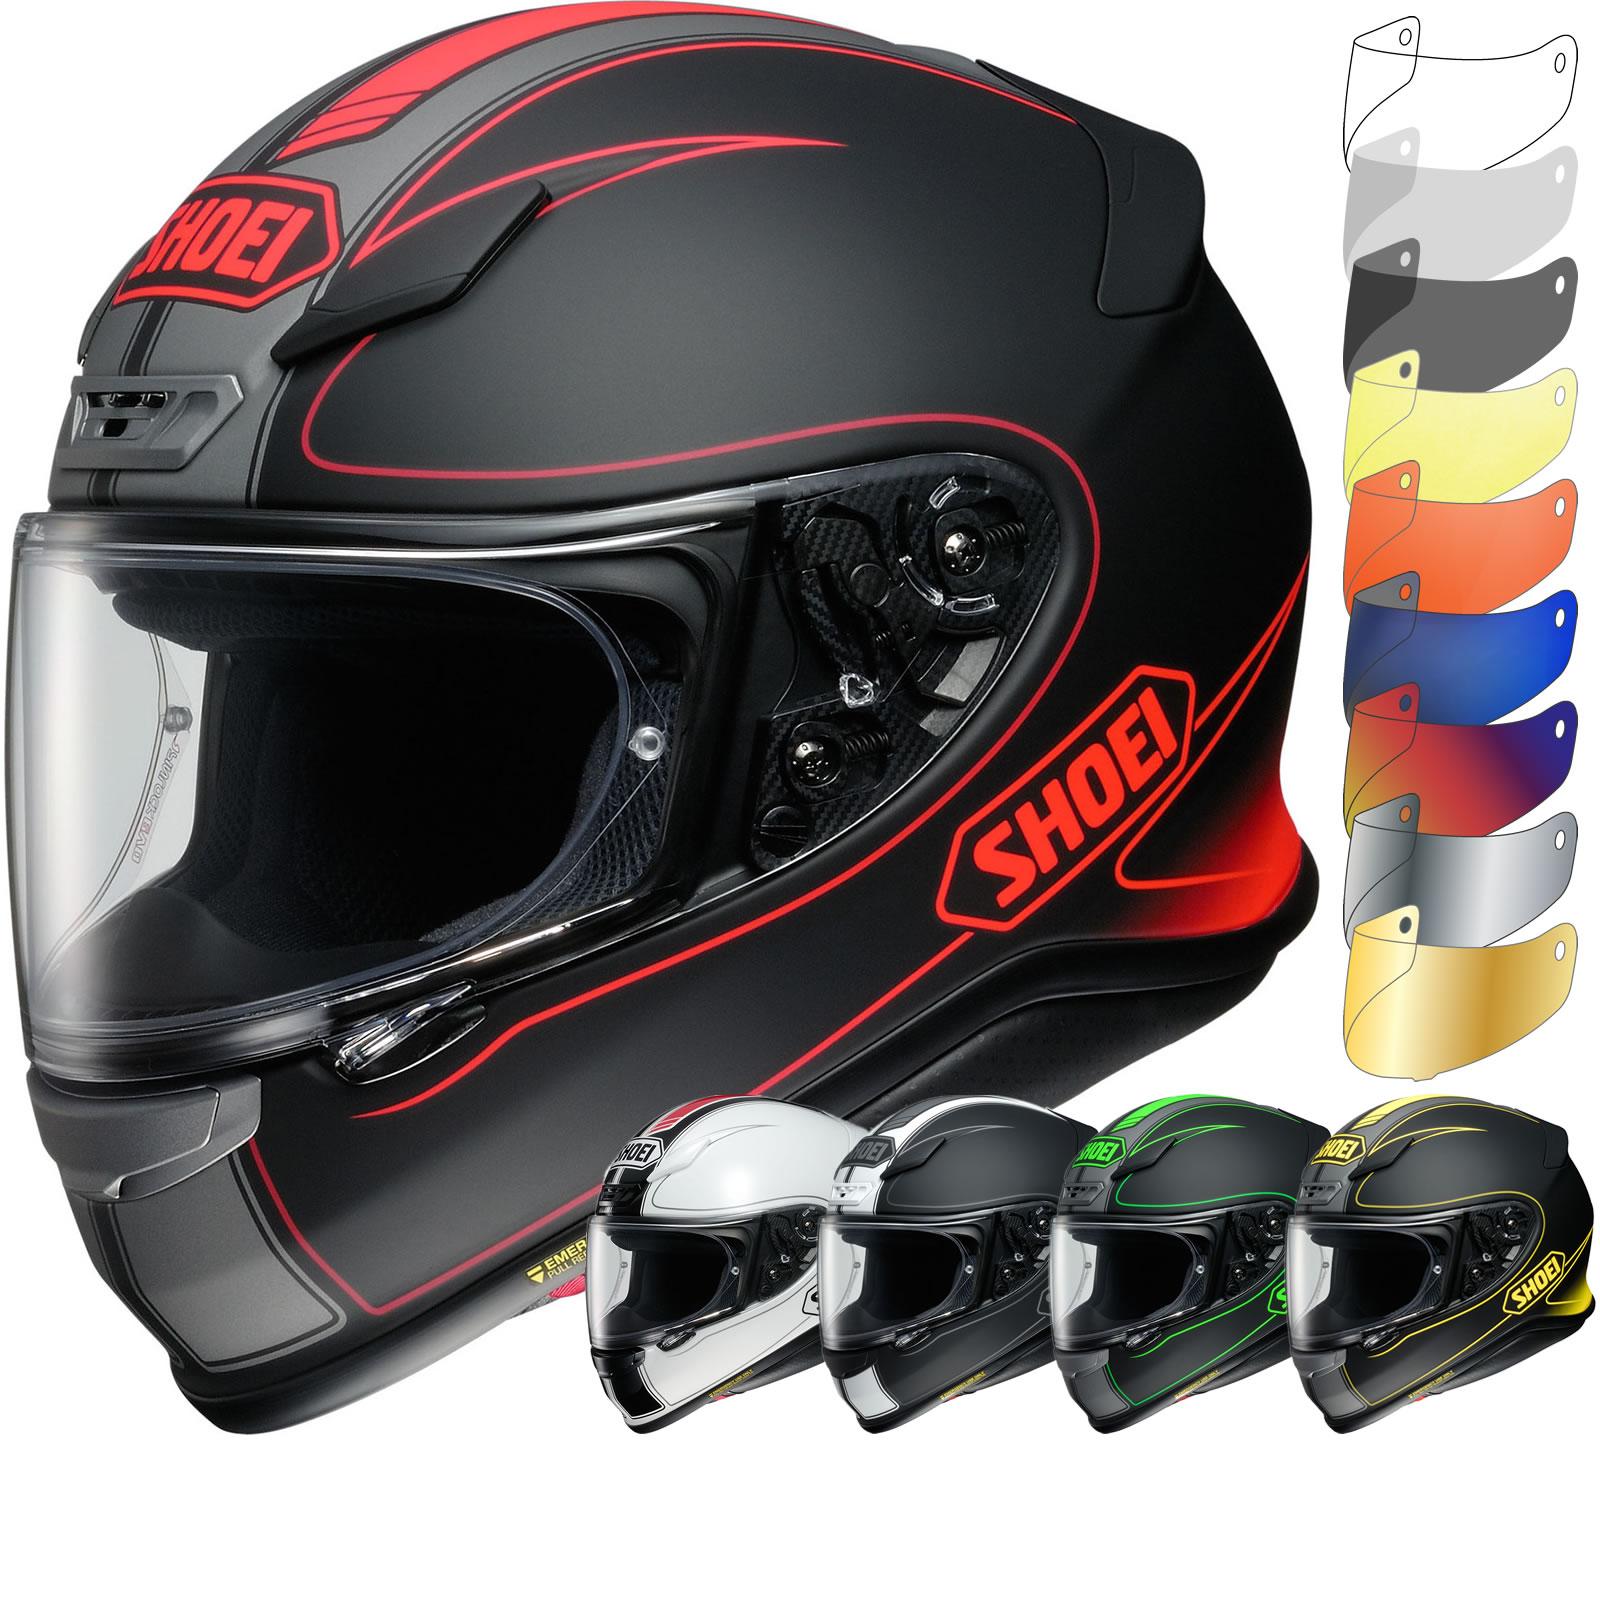 shoei nxr flagger motorcycle helmet visor full face. Black Bedroom Furniture Sets. Home Design Ideas